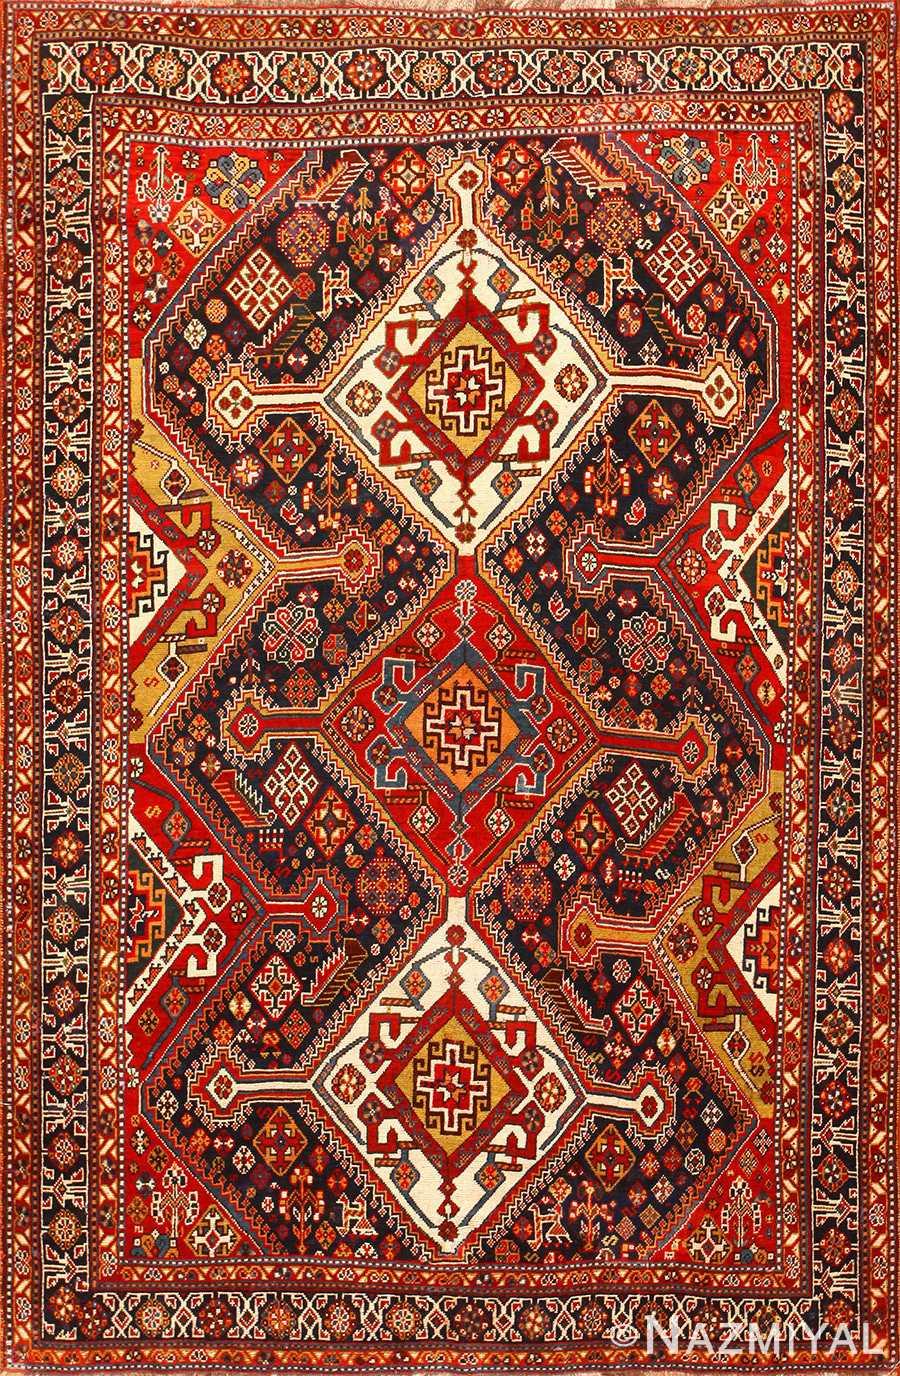 Tribal Antique Persian Qashqai Rug 50468 By Nazmiyal